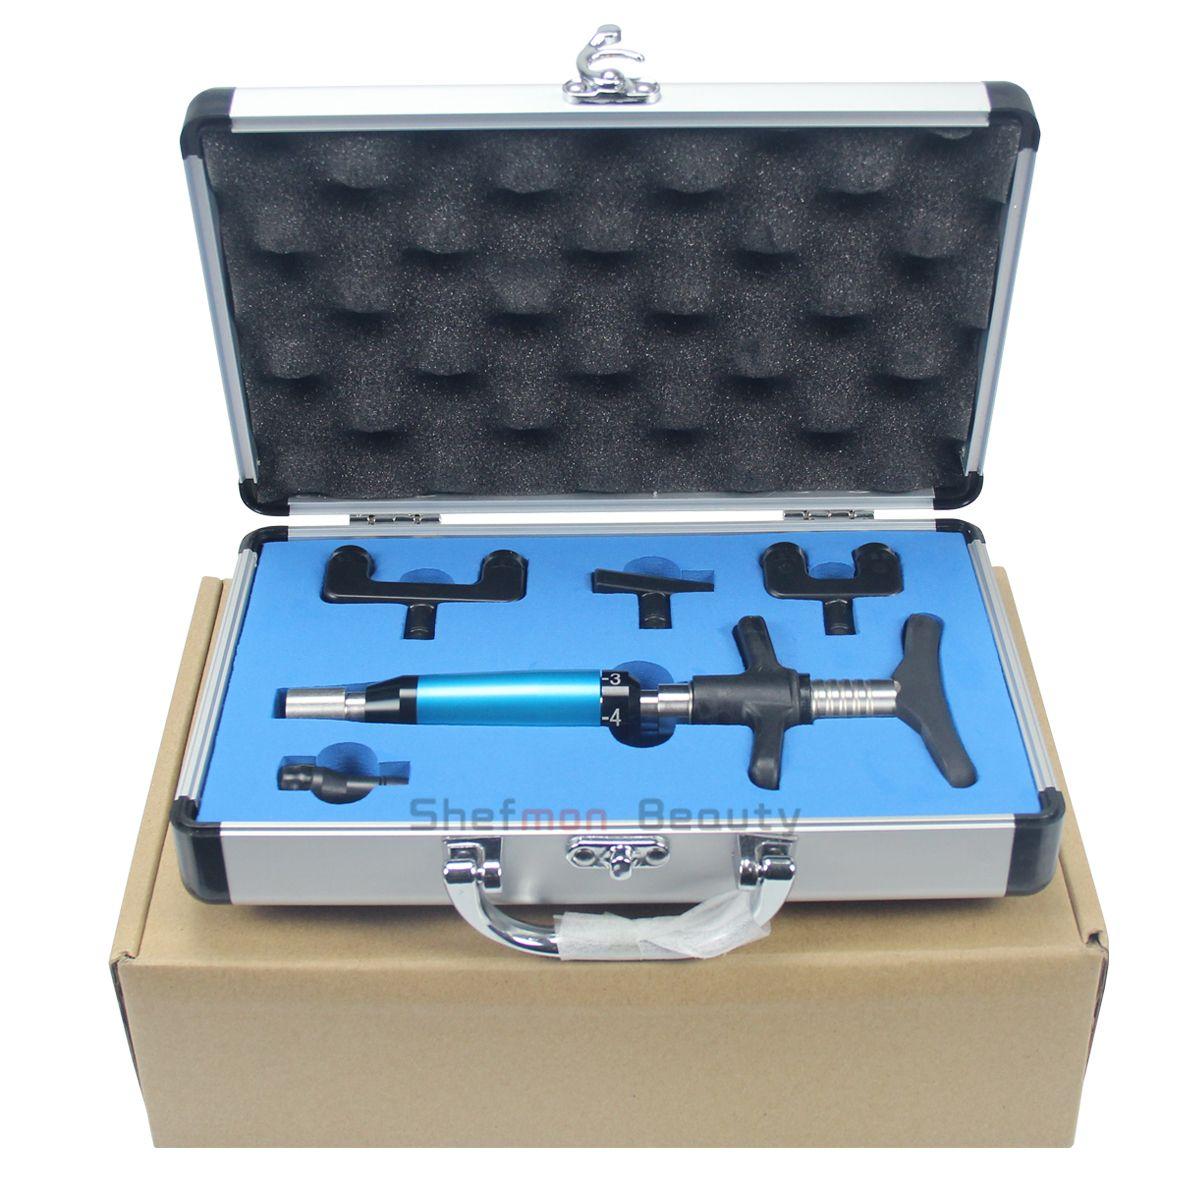 전문 의료 장비 휴대용 임펄스 클리닉 또는 살롱 홈을 위해 총을 사용하여 조정 악기 척추 교정 지압 요법 조정